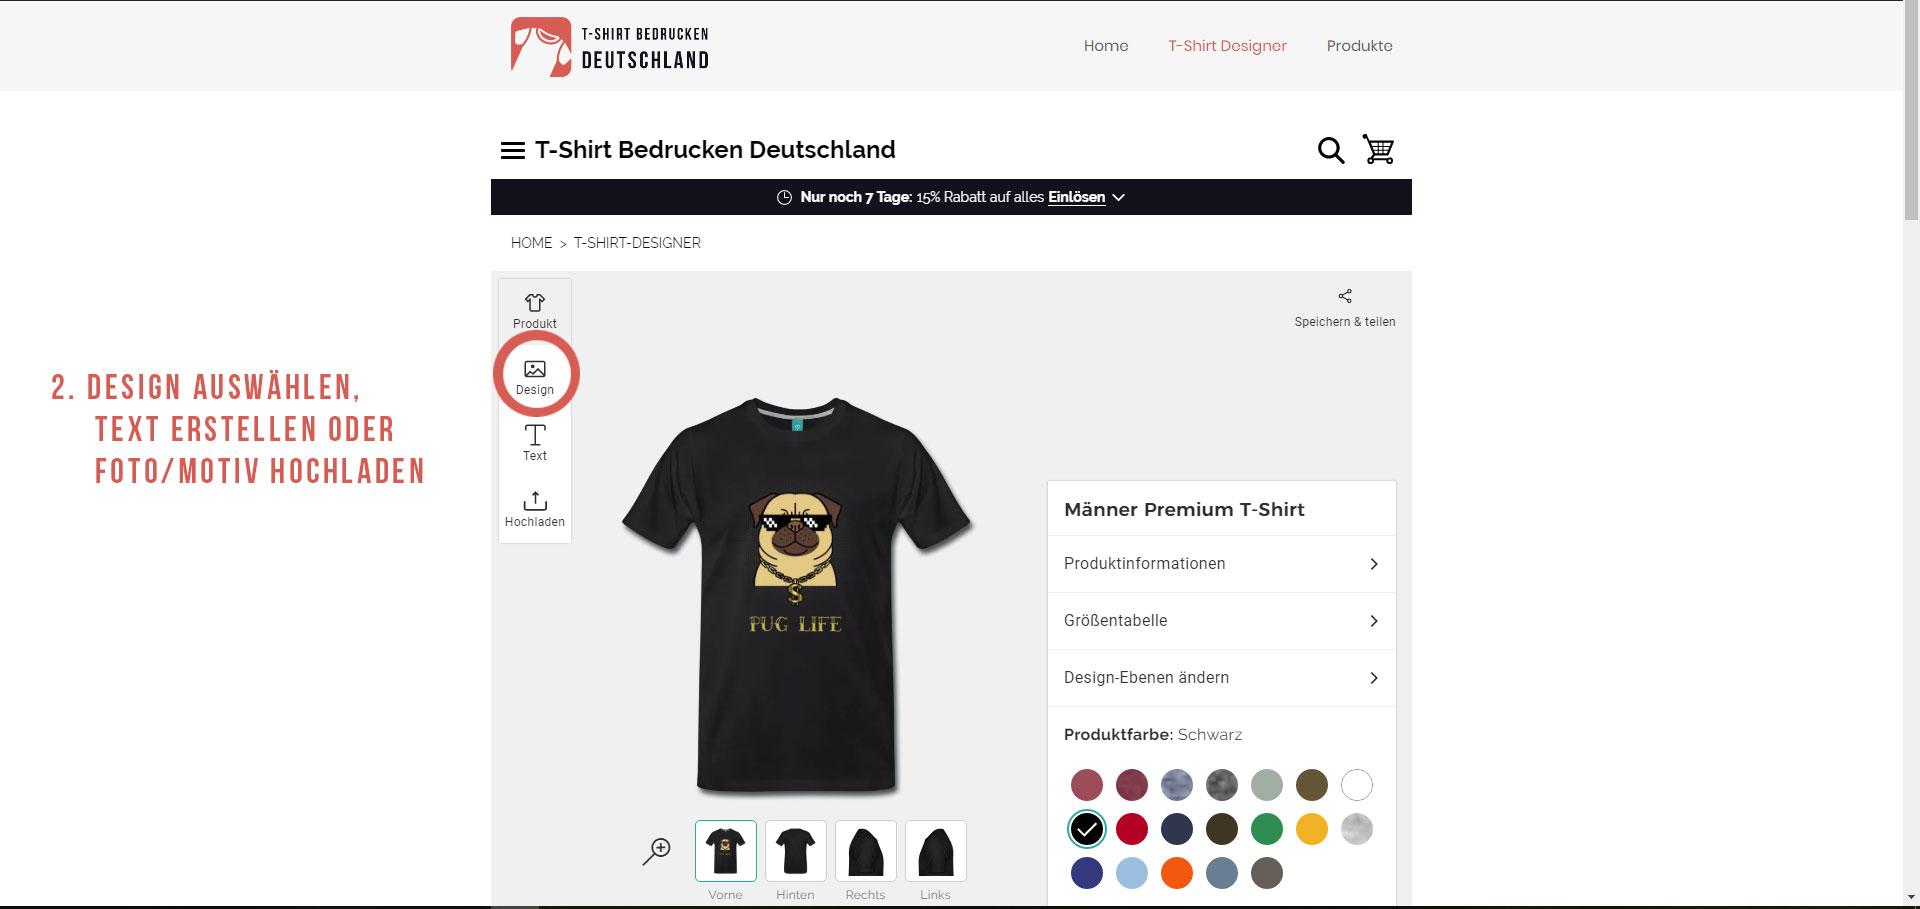 Anleitung T-Shirt bedrucken - Design, Text oder Foto hochladen und auf dem T-Shirt Anpassen